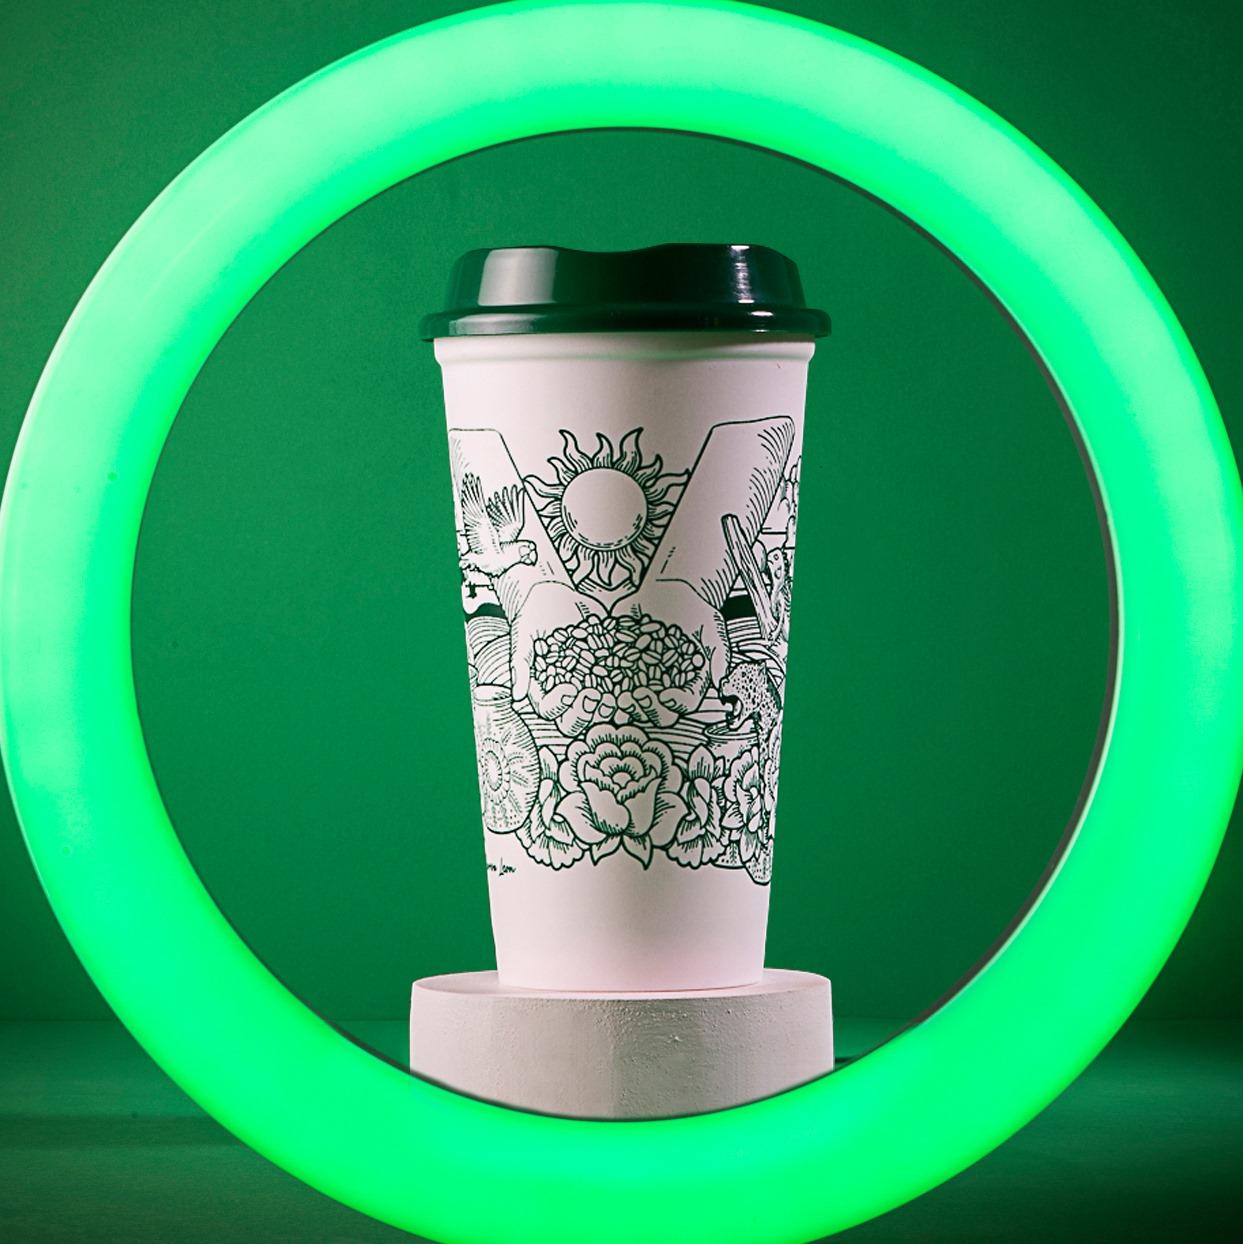 Vaso de edición limitada de Starbucks